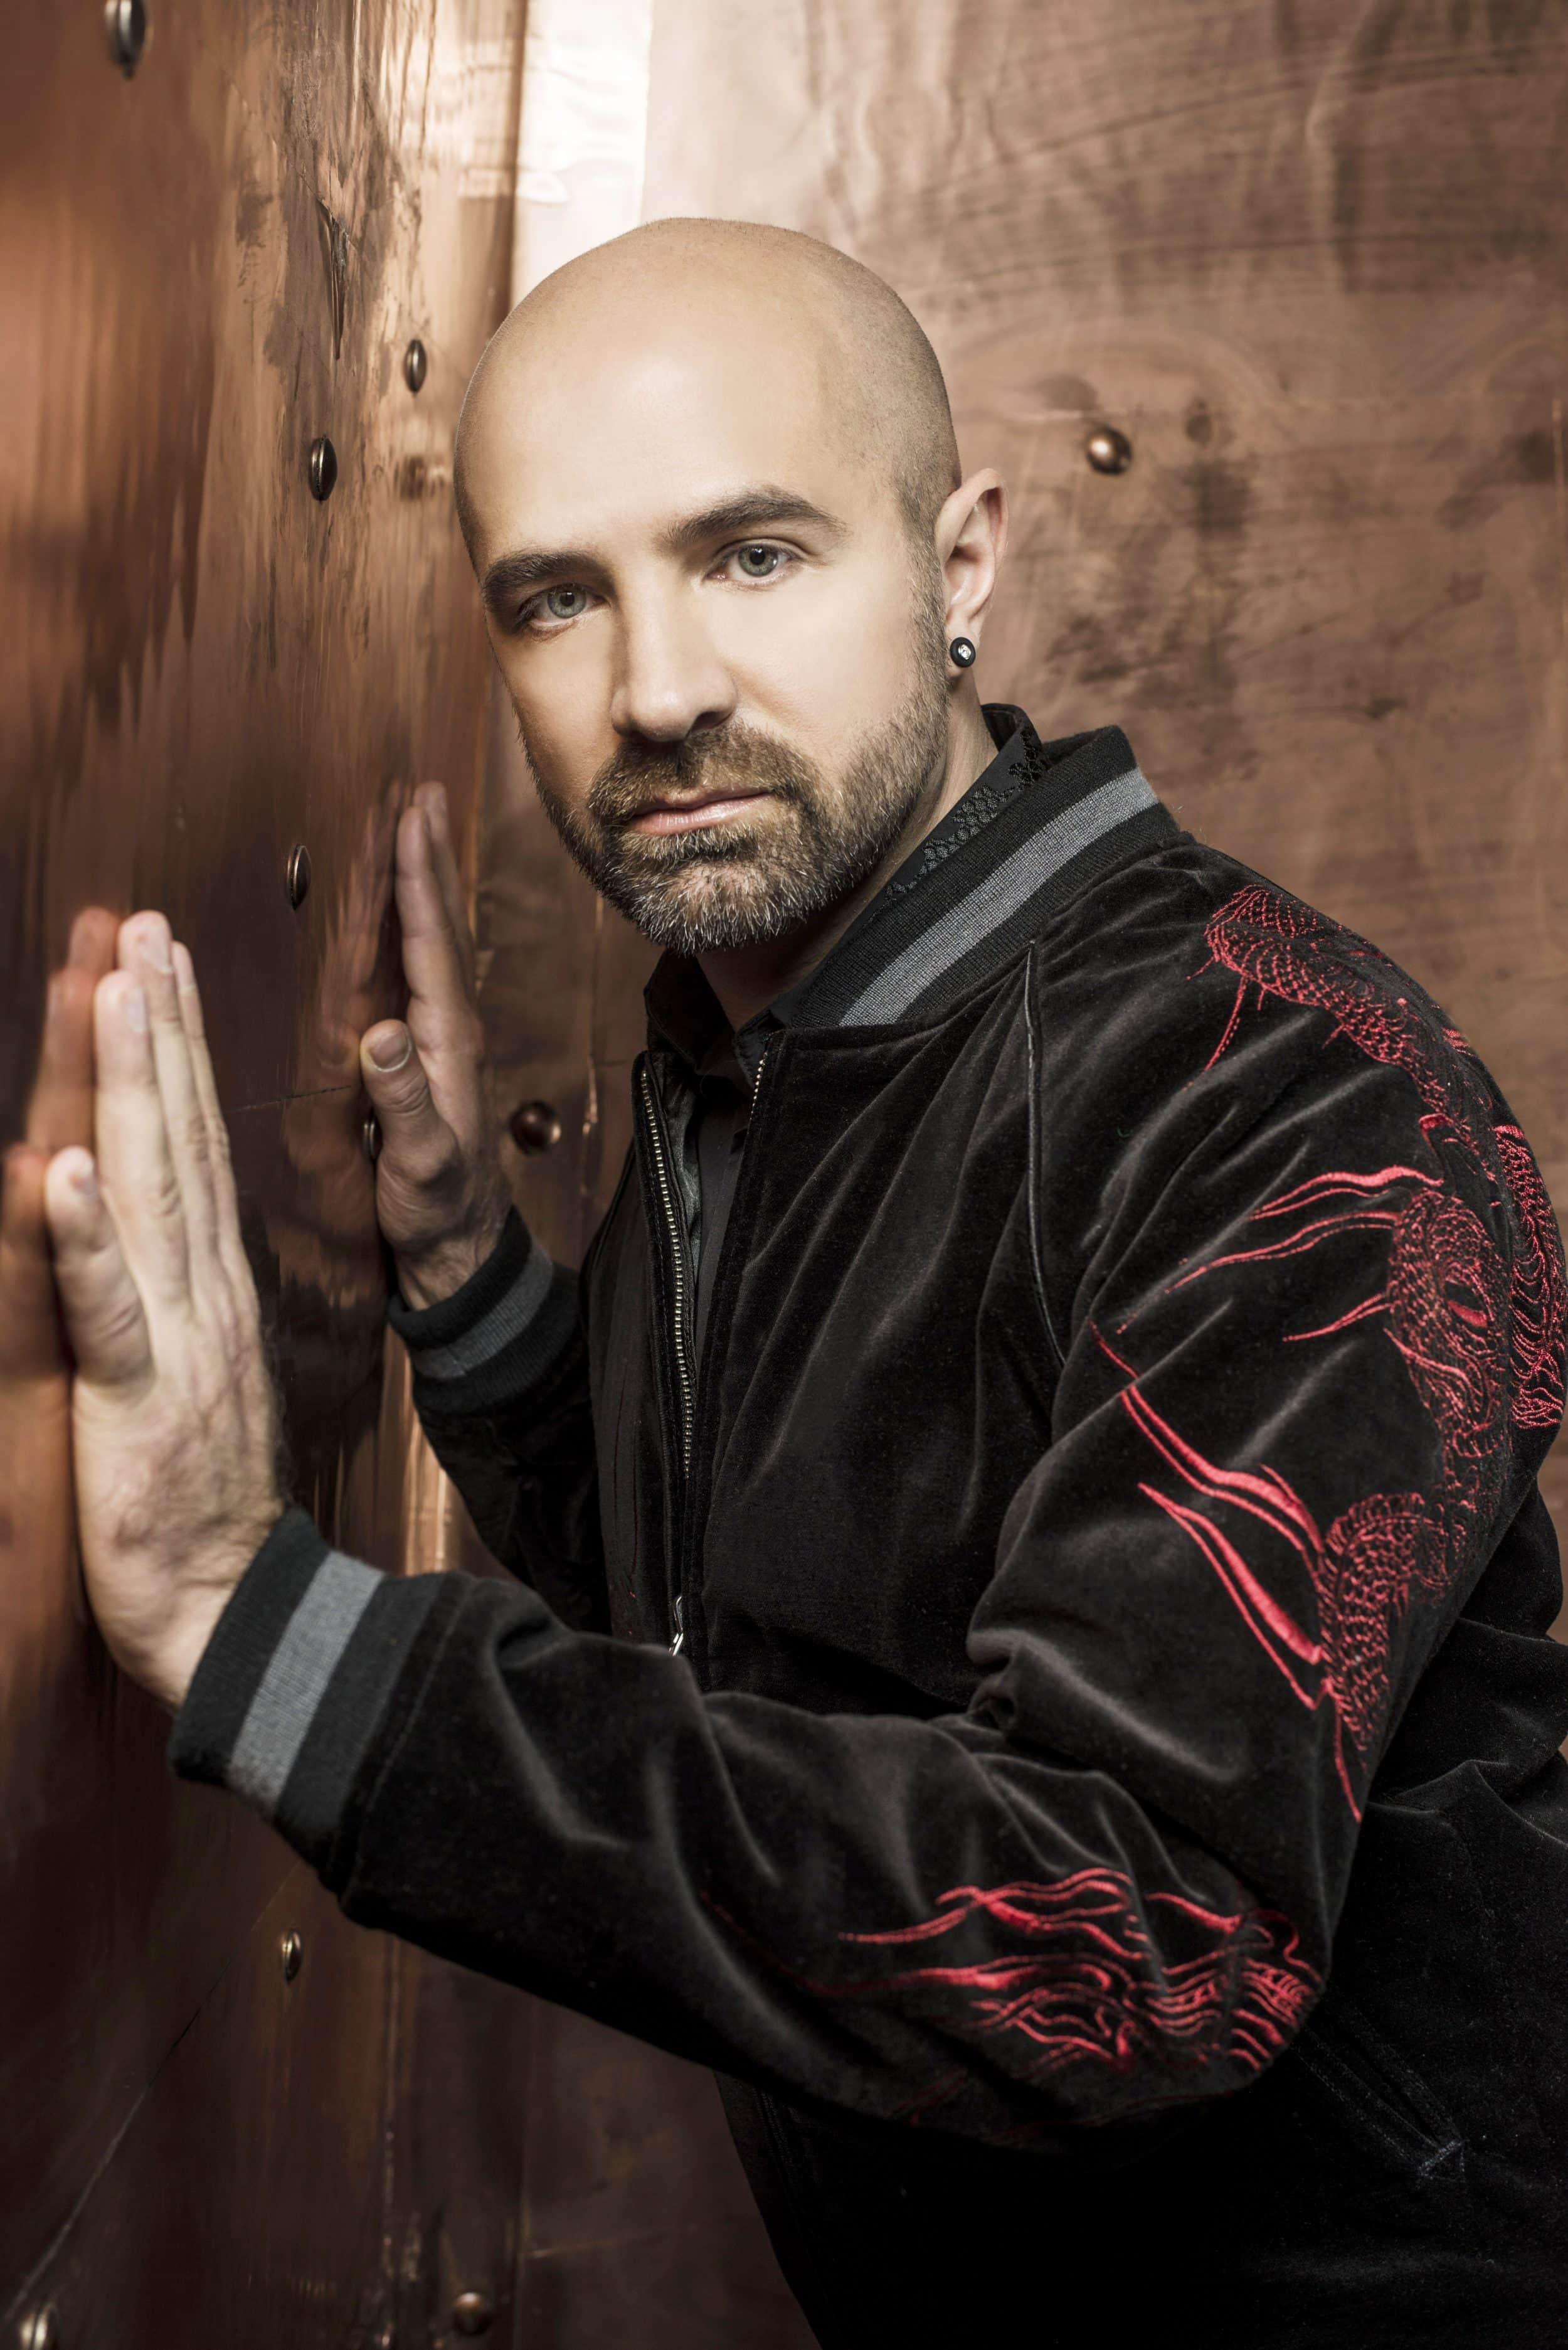 Макс Эмануэль Ценцич. Фото - www.cencic.com